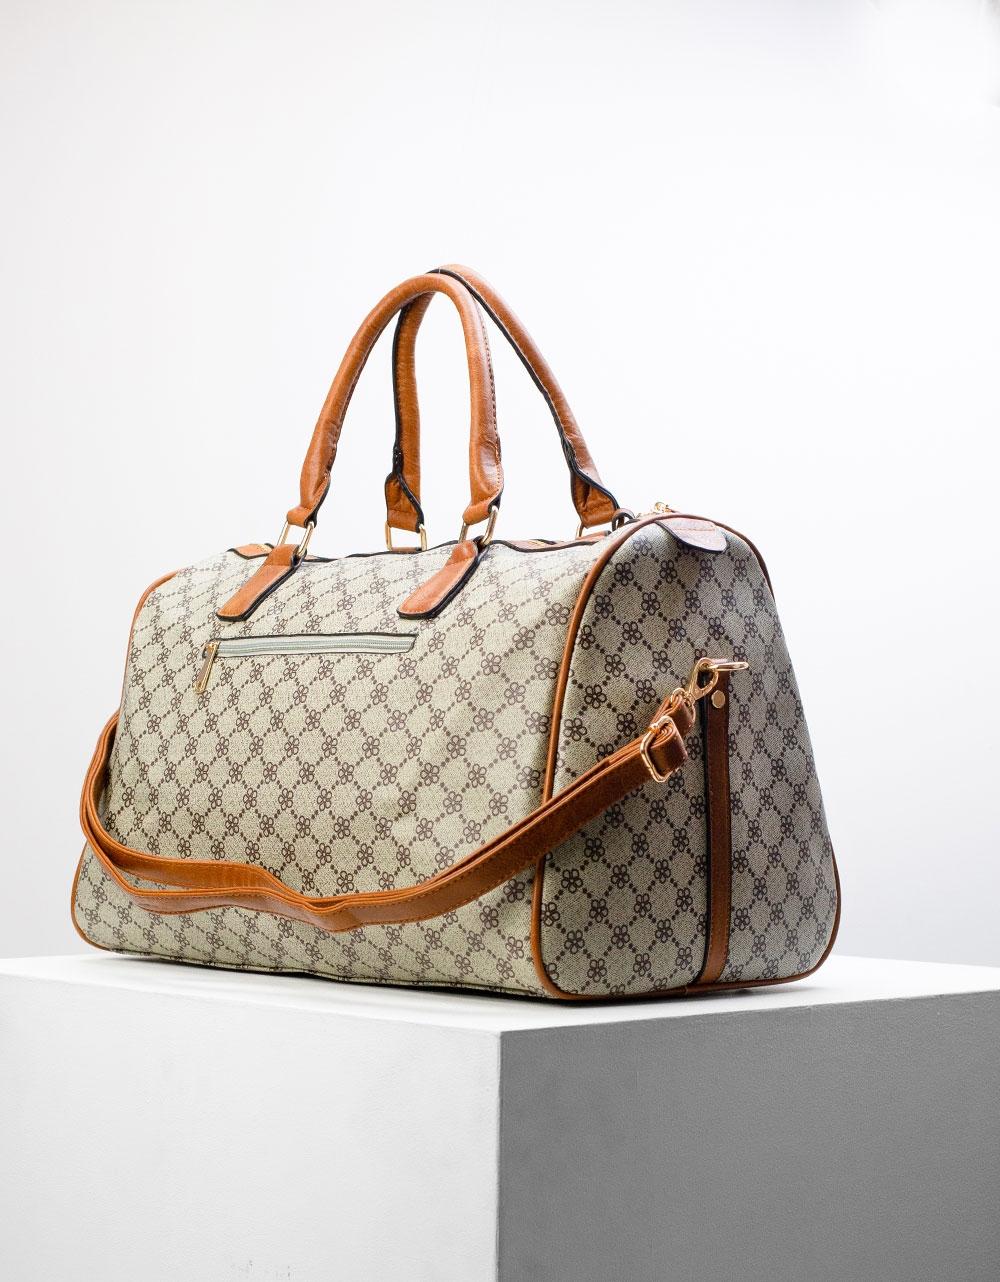 Εικόνα από Γυναικεία τσάντα ταξιδίου Μπεζ